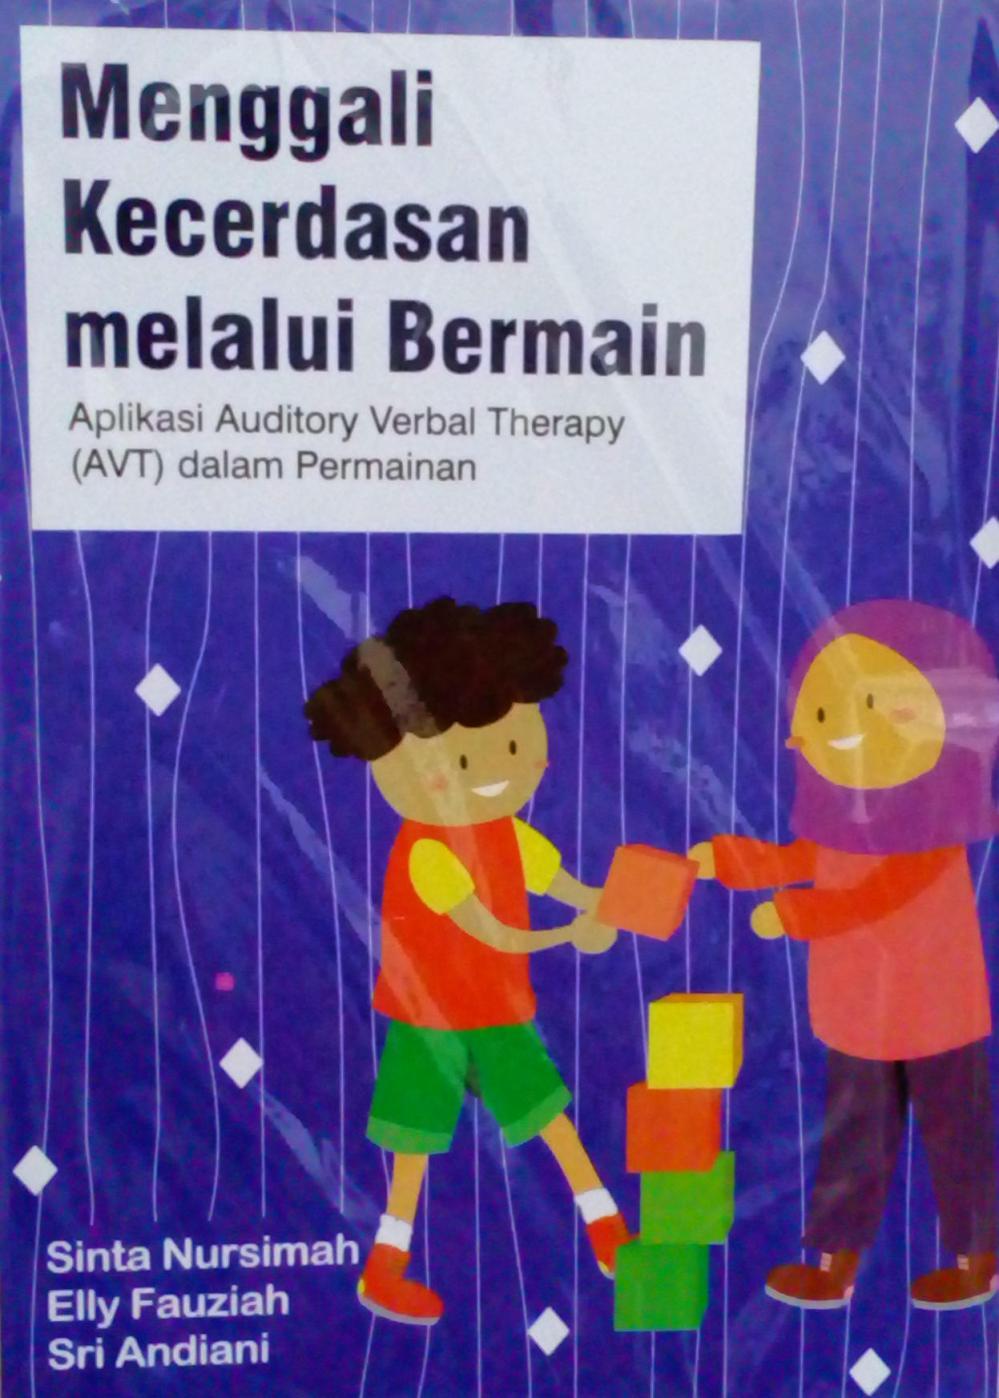 Menggali Kecerdasan Melalui Bermain Aplikasi Auditory Verbal Therapy (AVT) Dalam Permainan Sampul Buku